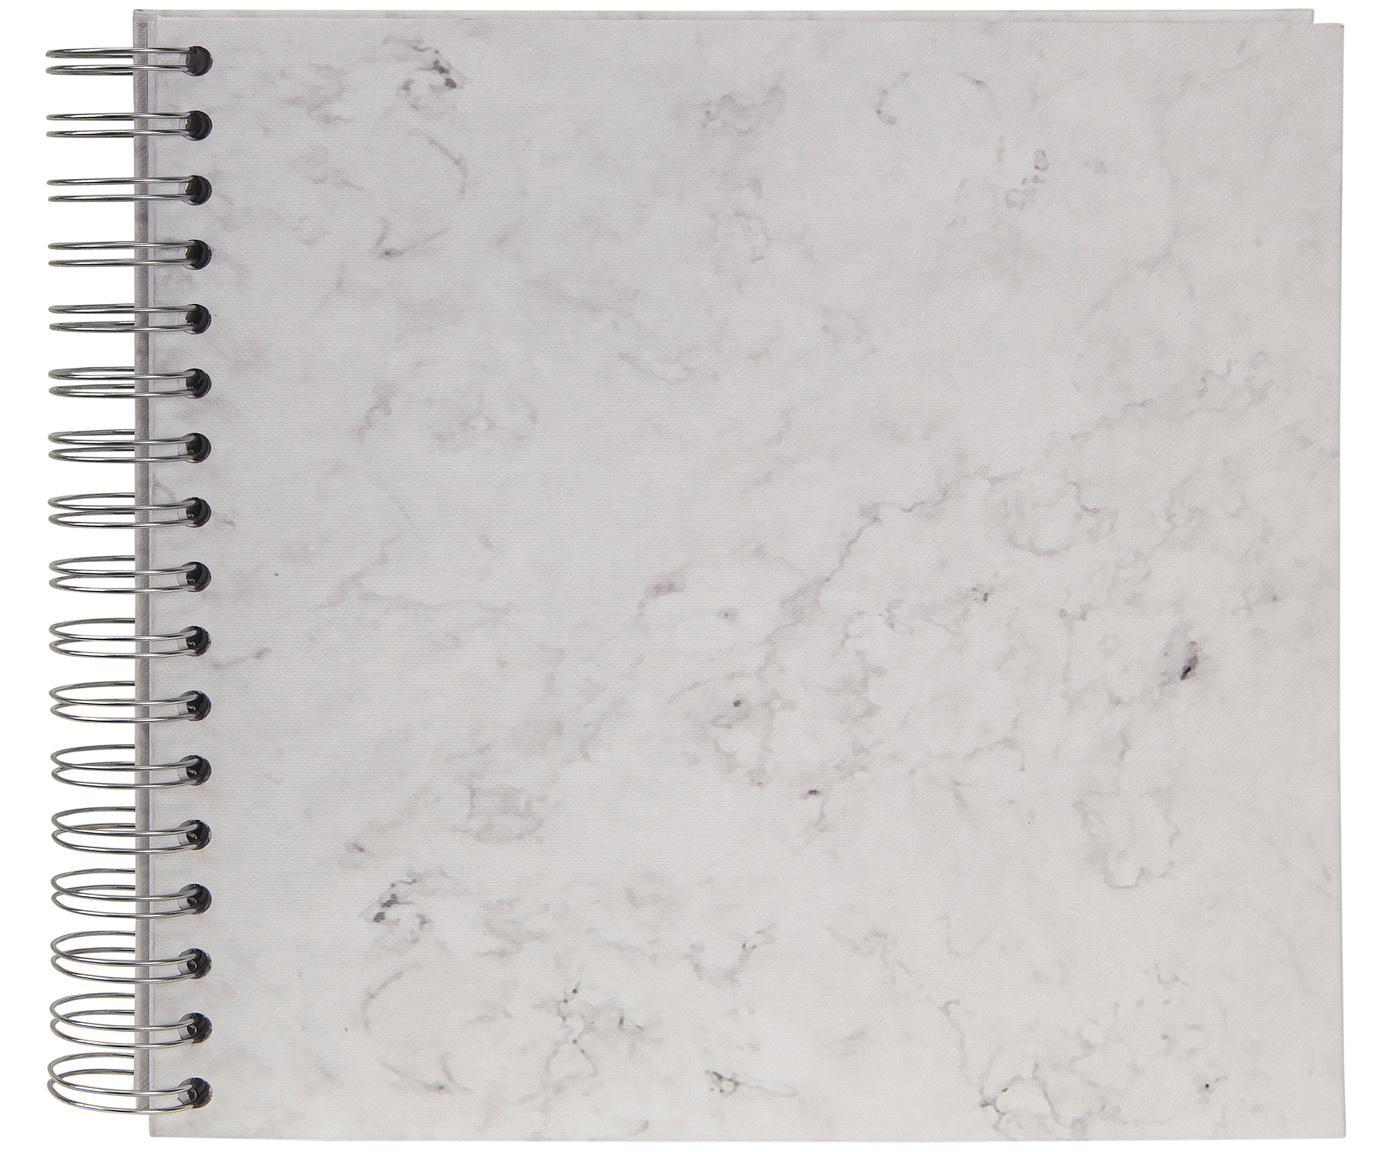 Fotoalbum Picture, Weiß, marmoriert, 25 x 22 cm